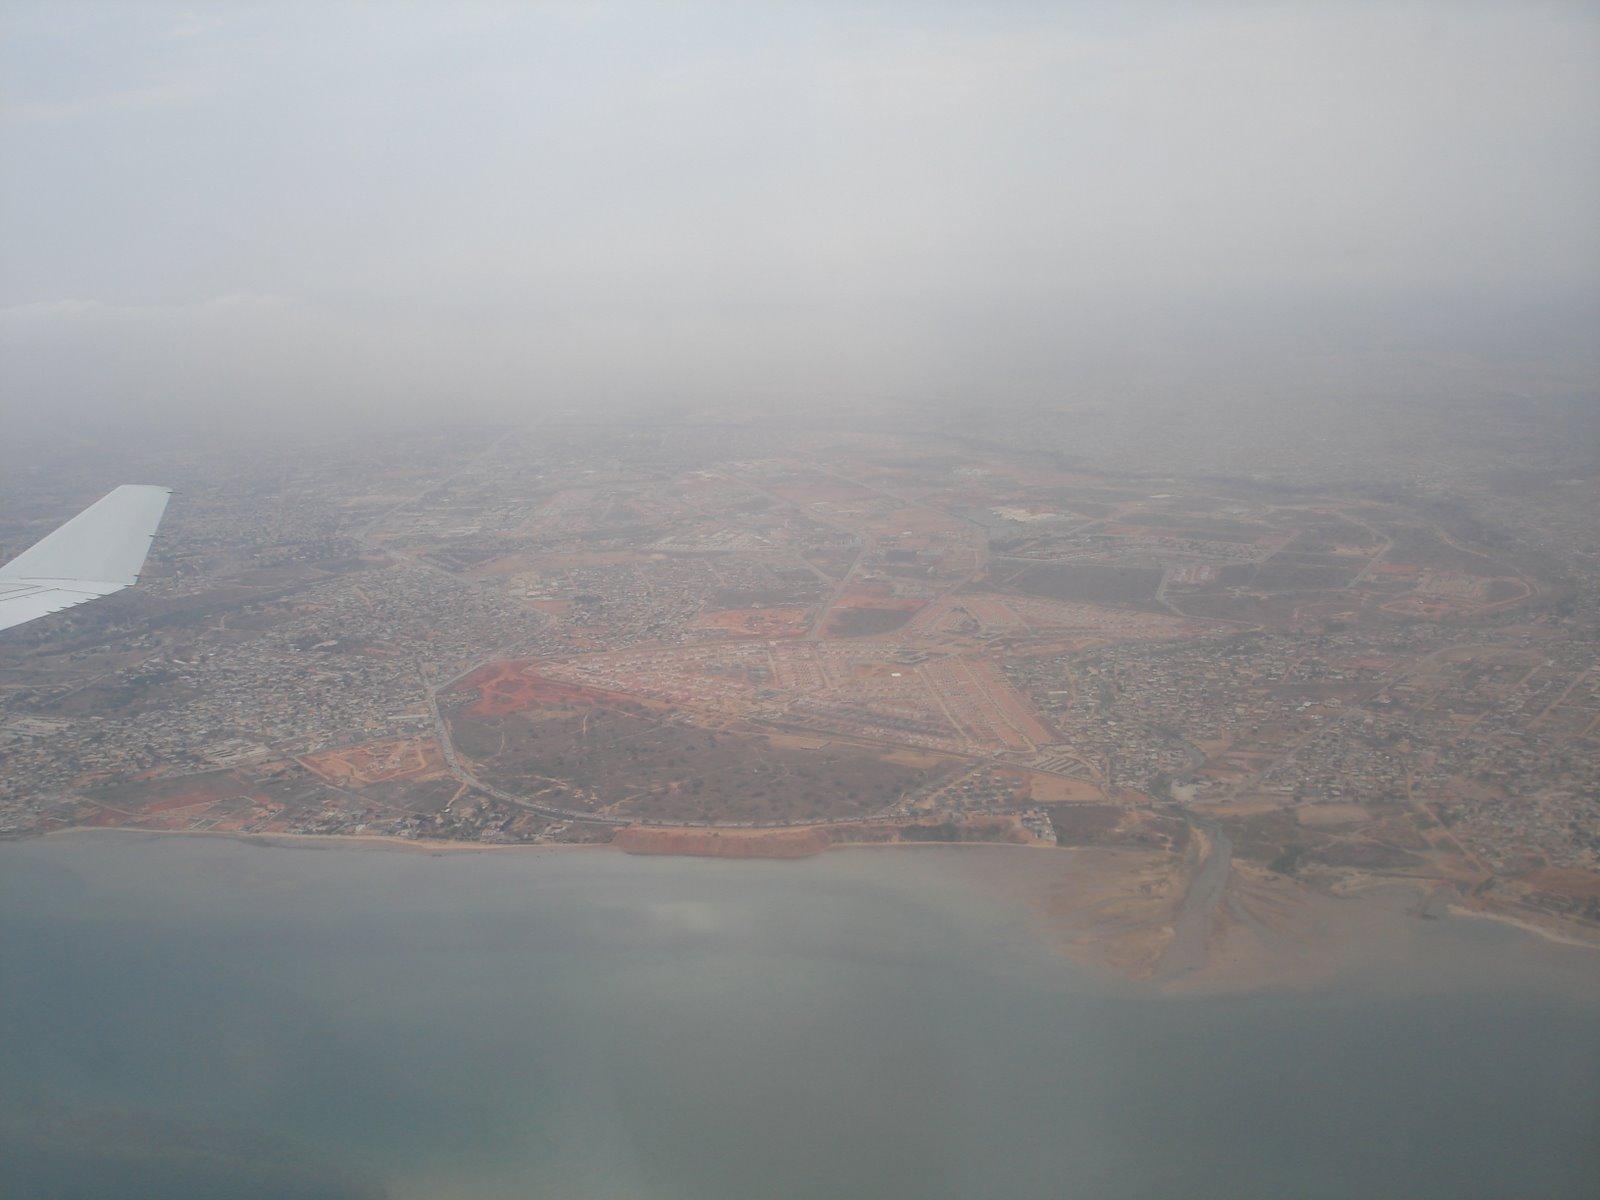 Vista mais ampla de Luanda